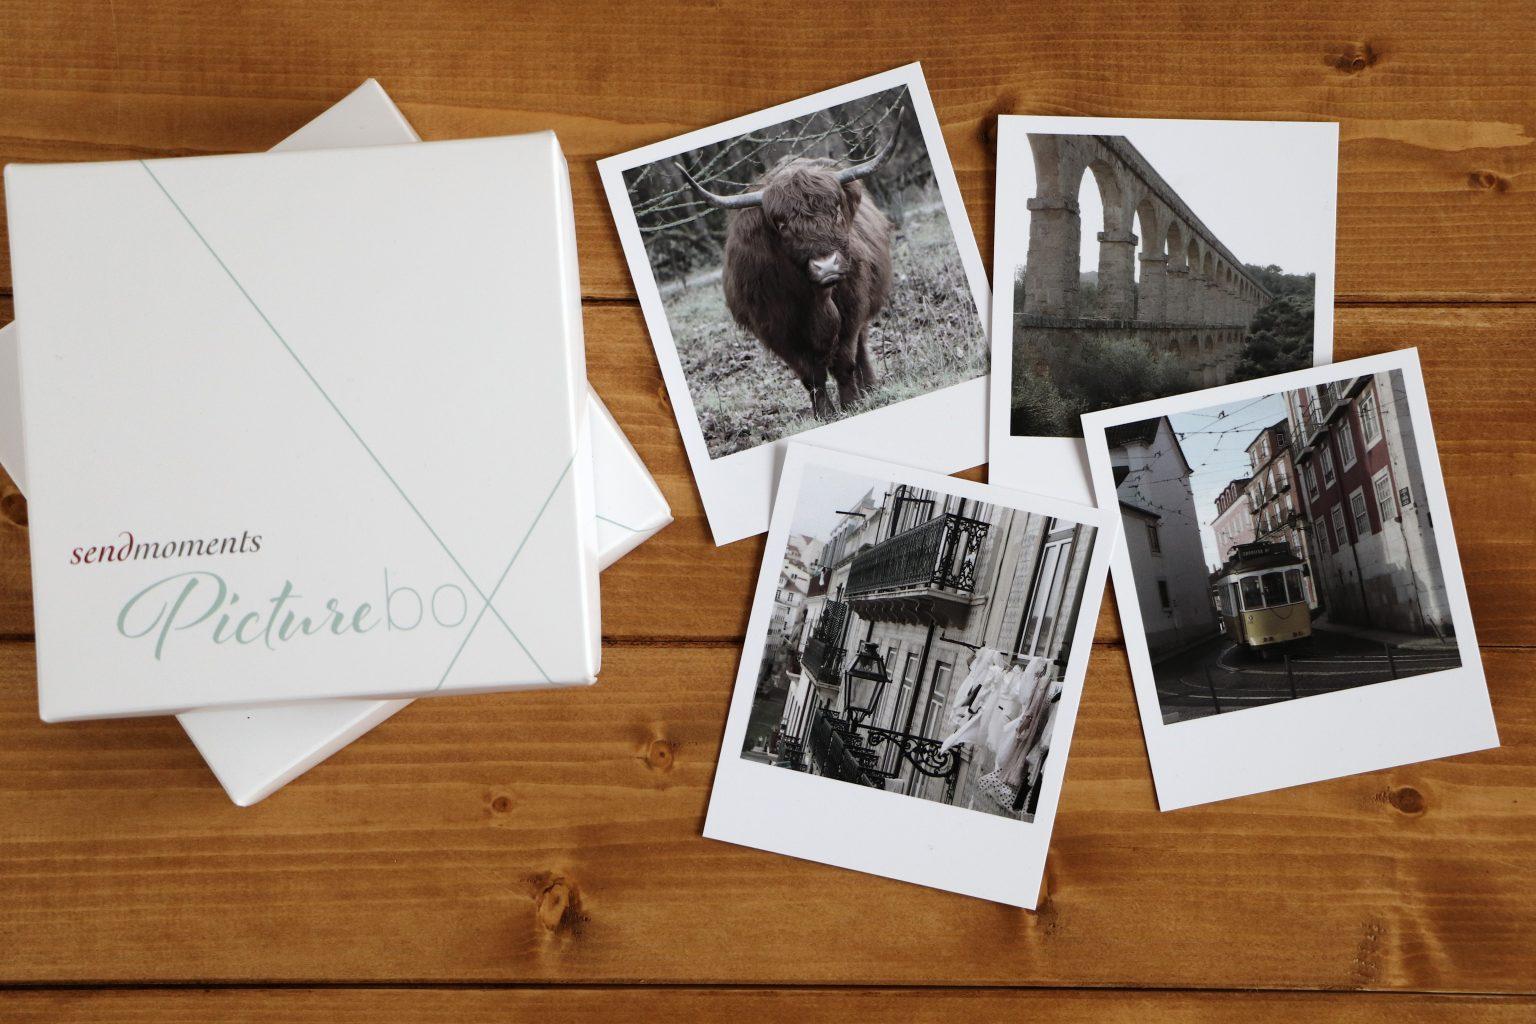 Polaroidfotos erstellen sendmoments